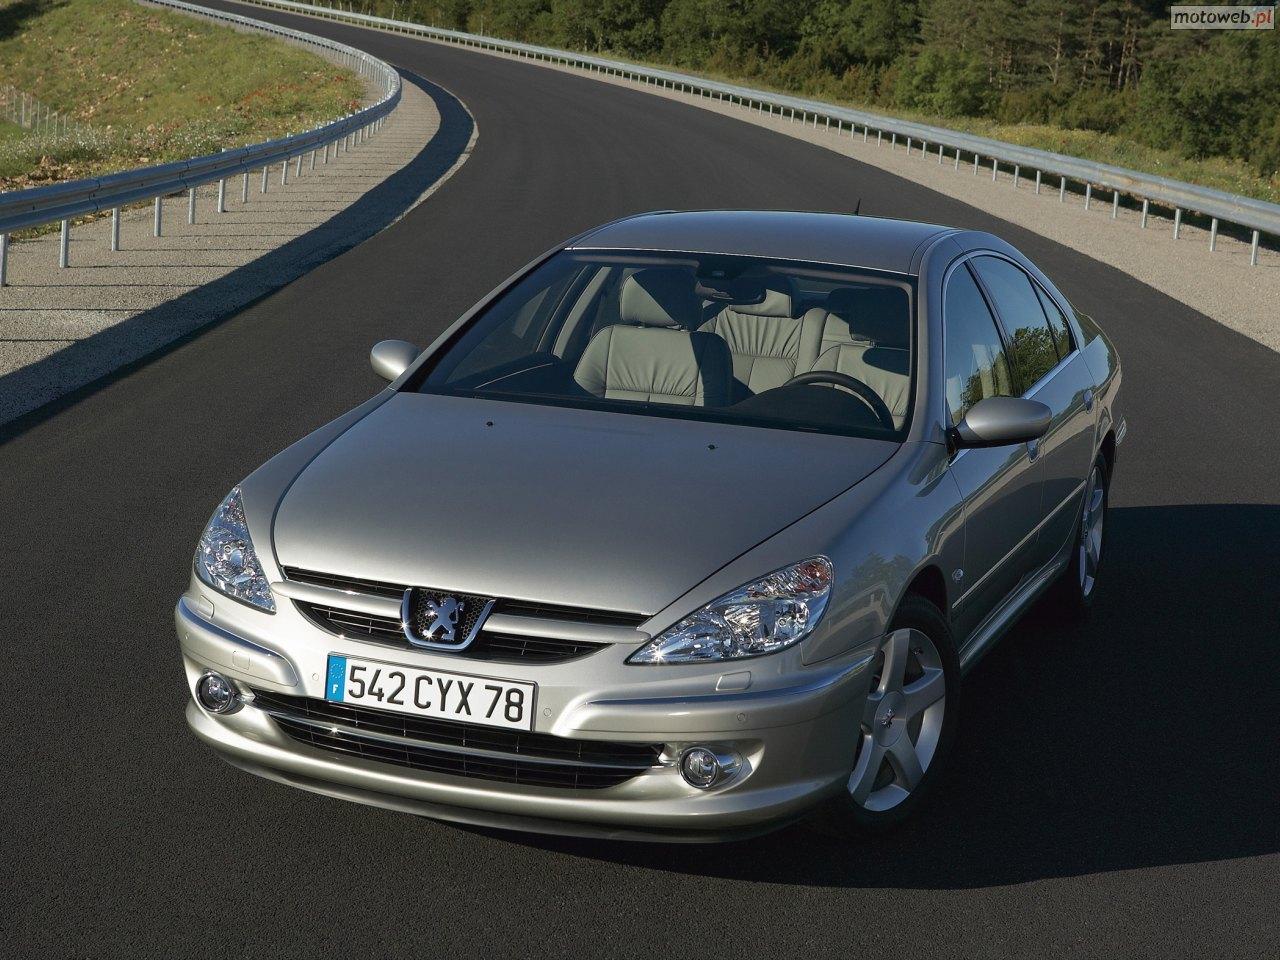 Peugeot 607 Essais Fiabilit 233 Avis Photos Vid 233 Os